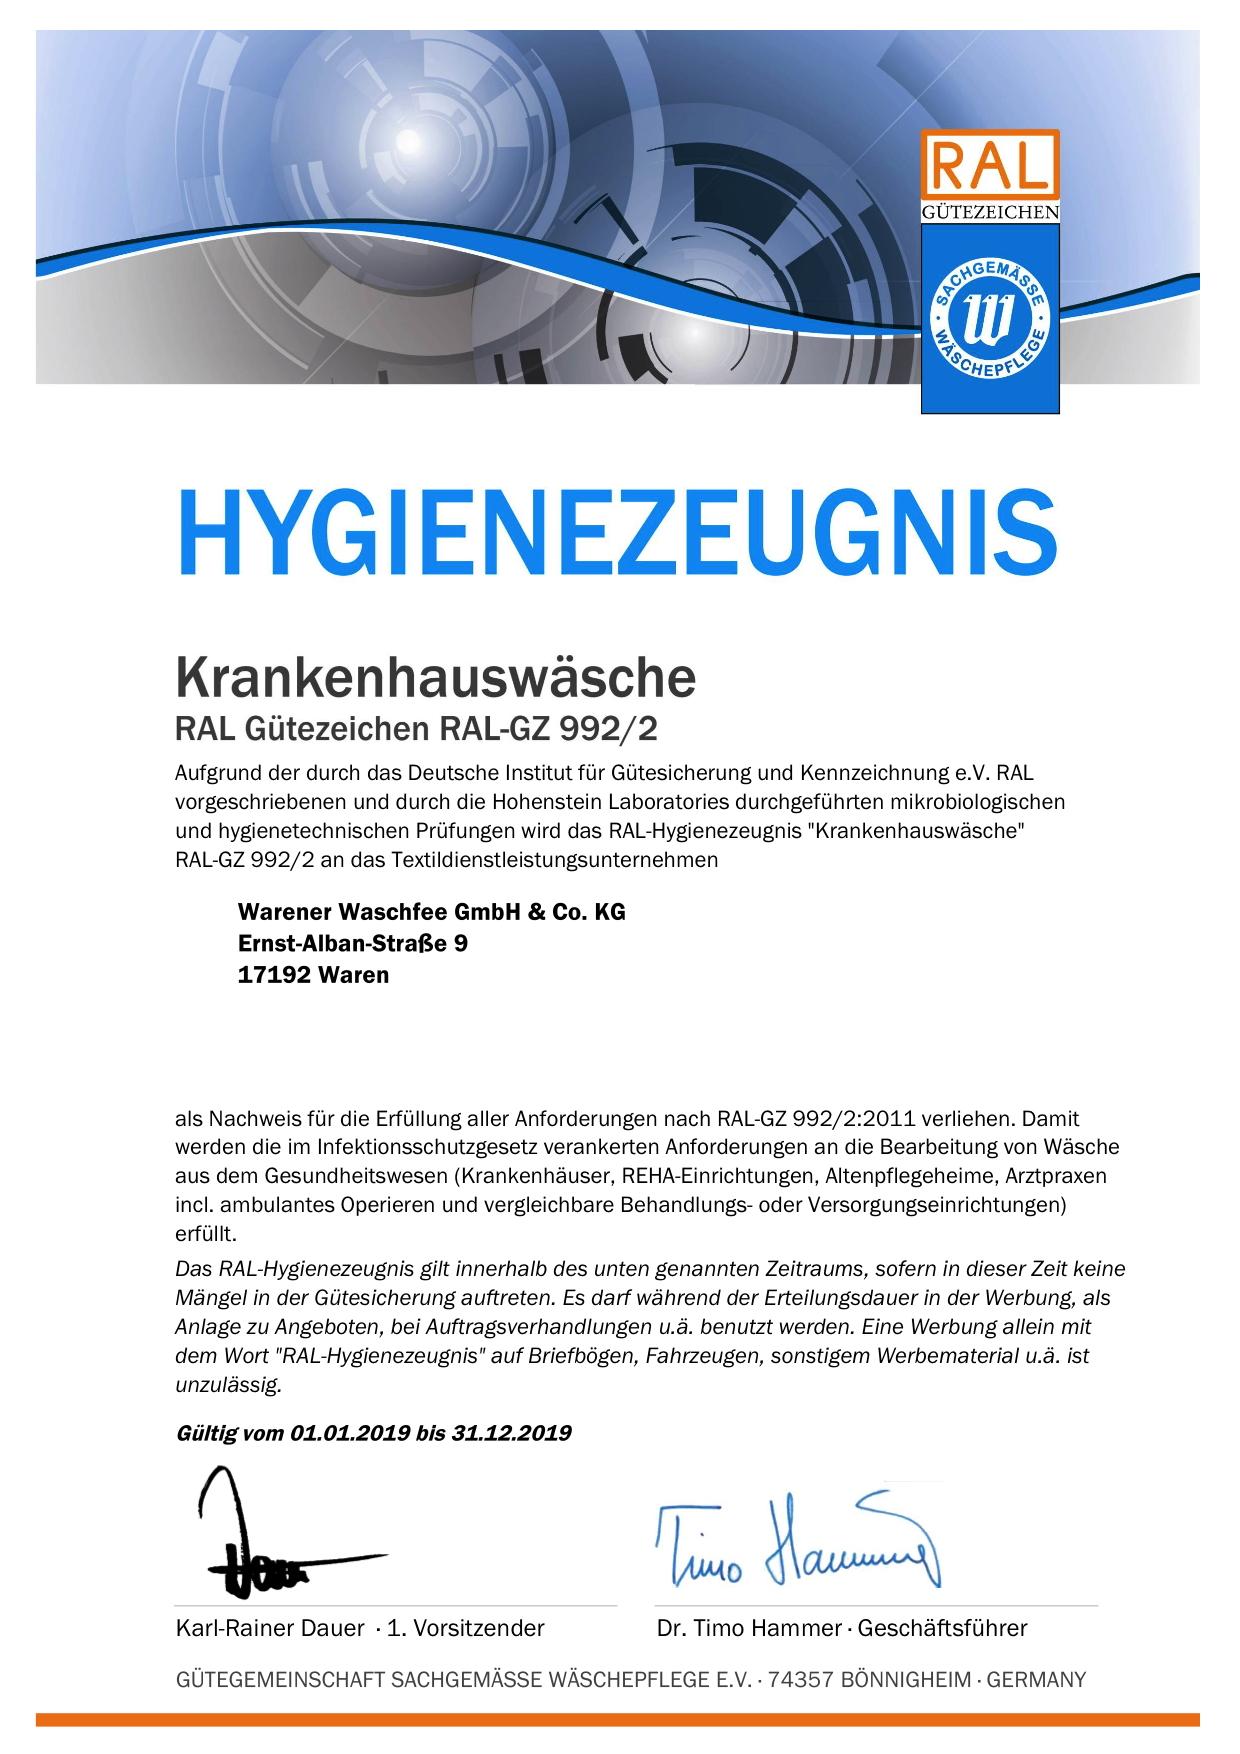 992-2 Hygienezeugnis_20054_2019